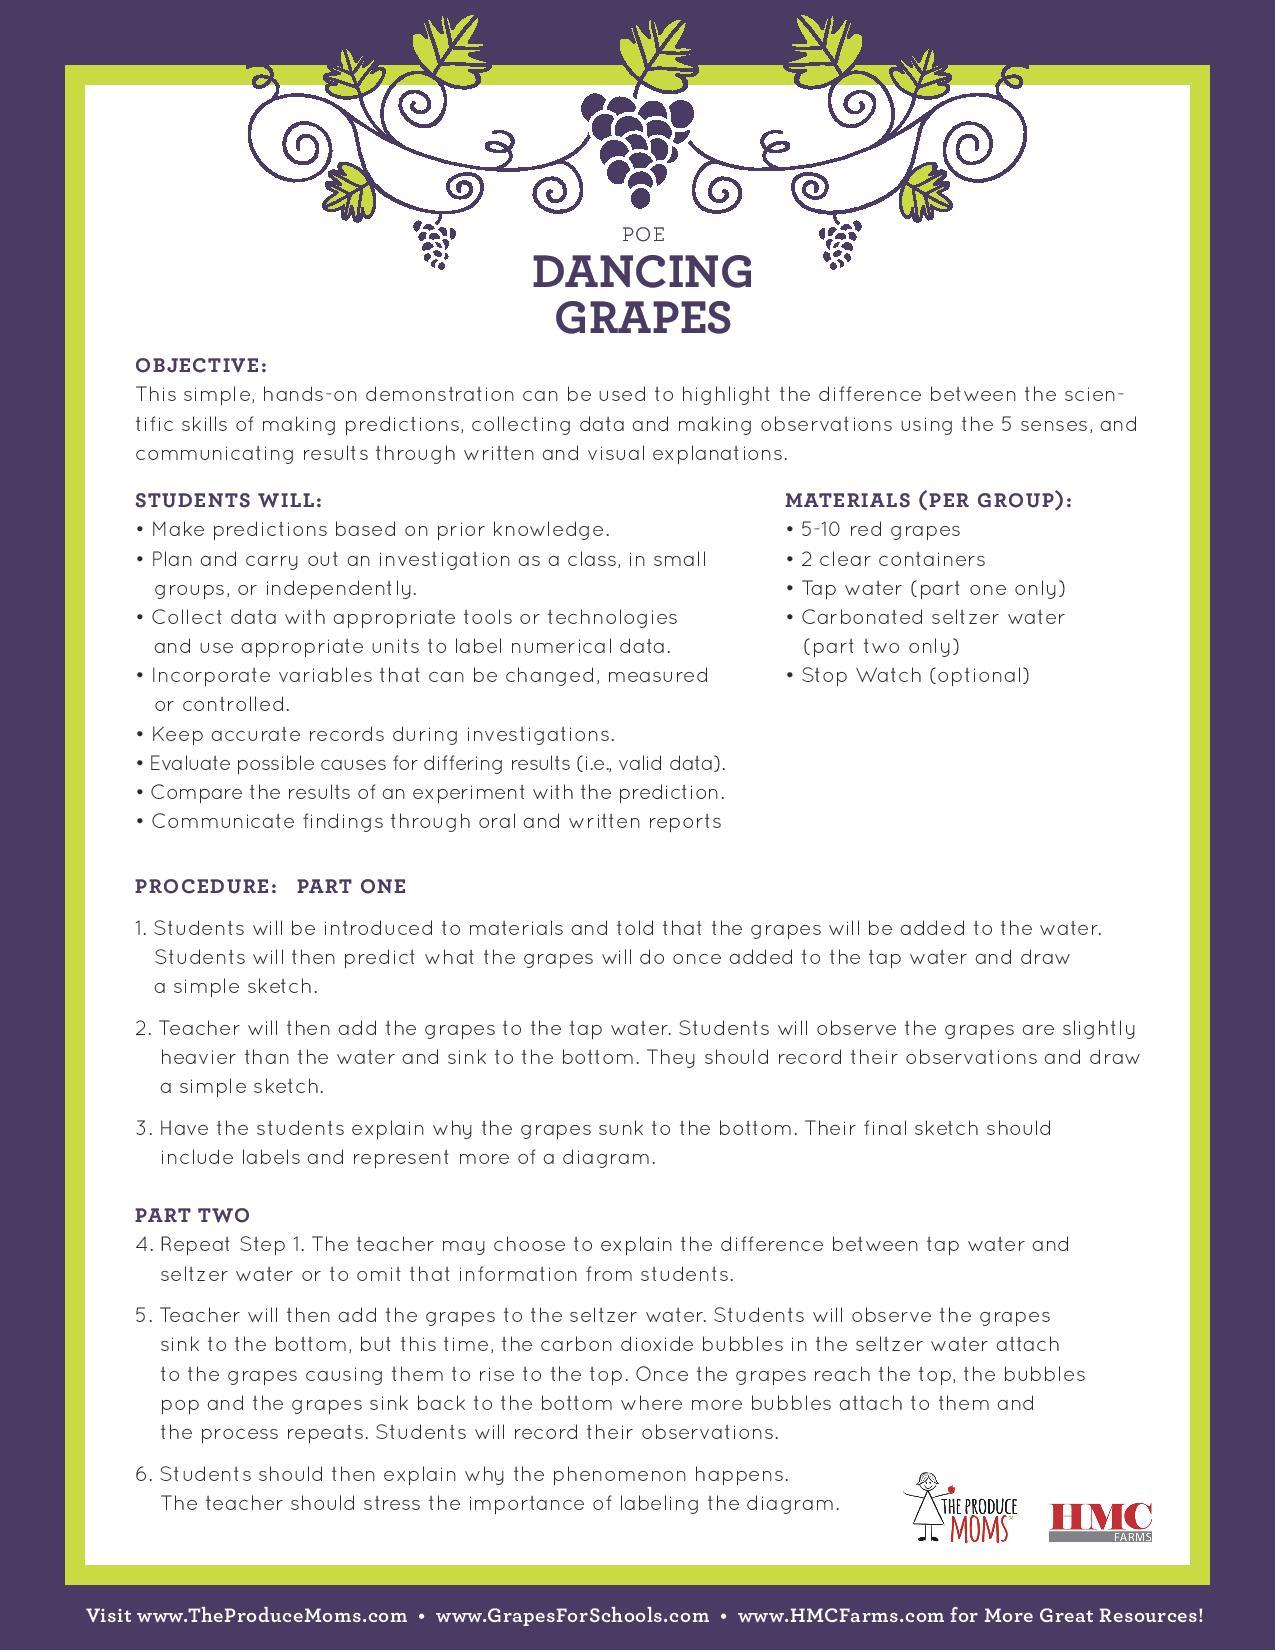 STEM: Dancing Grapes